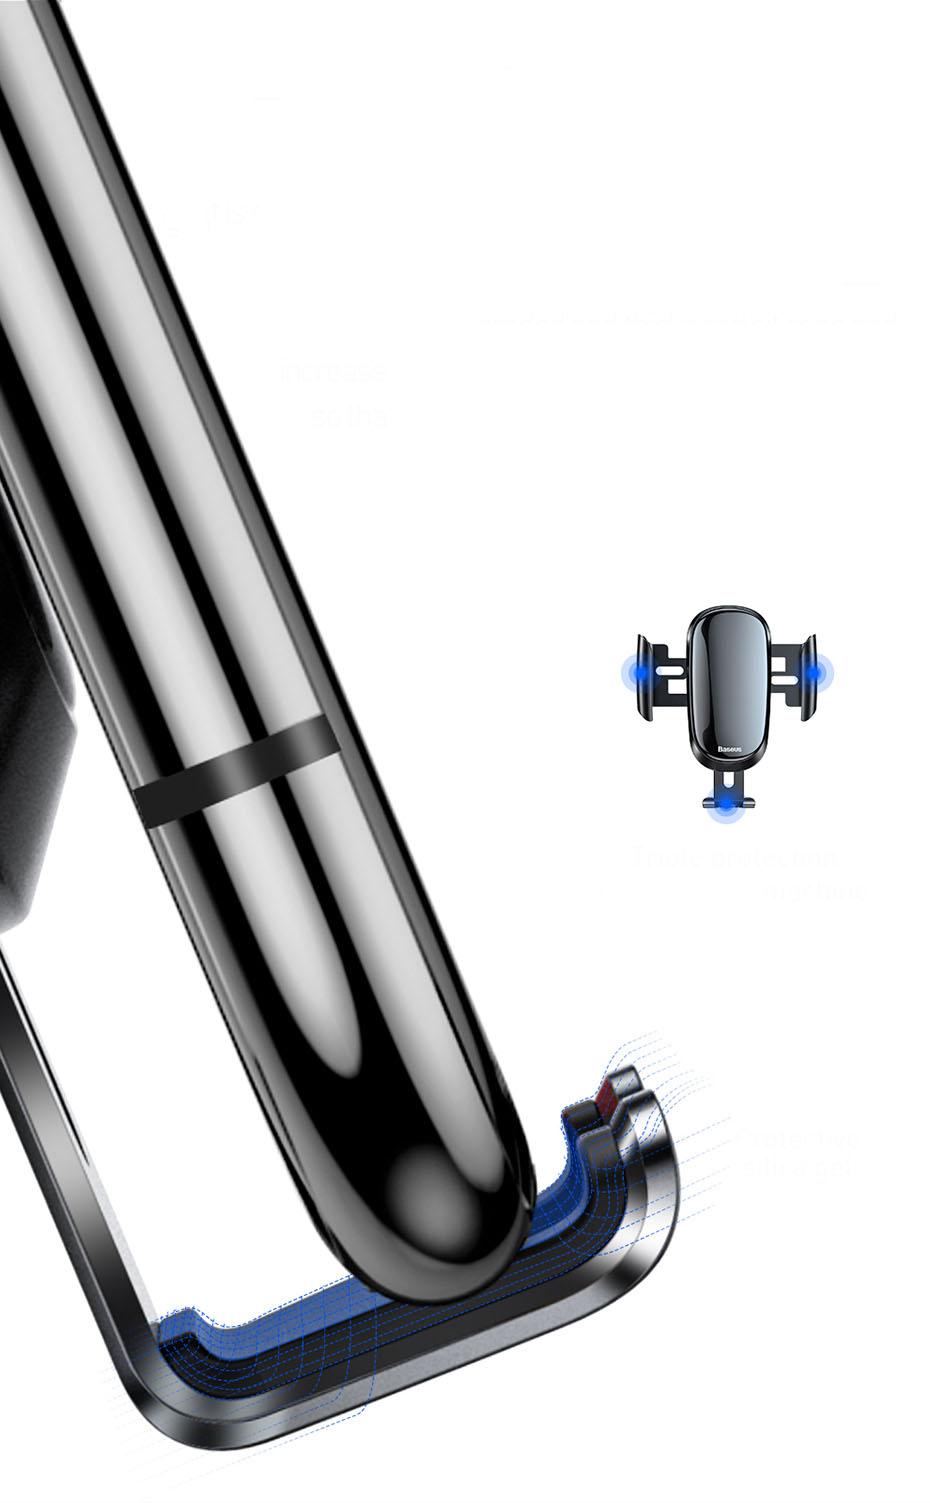 Giá đỡ điện thoại kẹp cửa gió điều hòa ô tô dạng tròn chính hãng Baseus (mẫu 81)